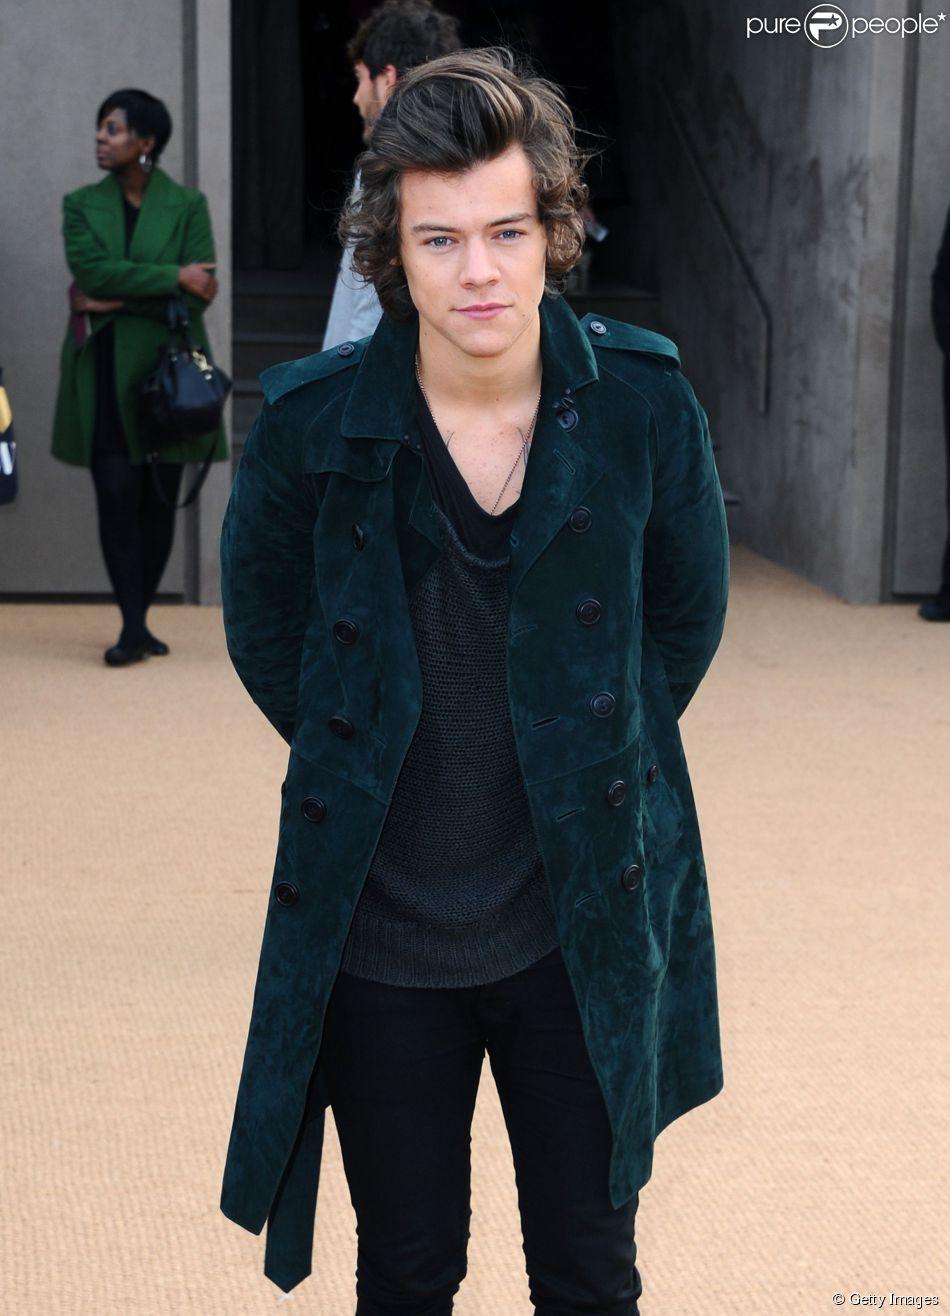 Harry Styles comenta saída de Zyan Malik do One Direction: 'Todo o amor, como sempre. H'